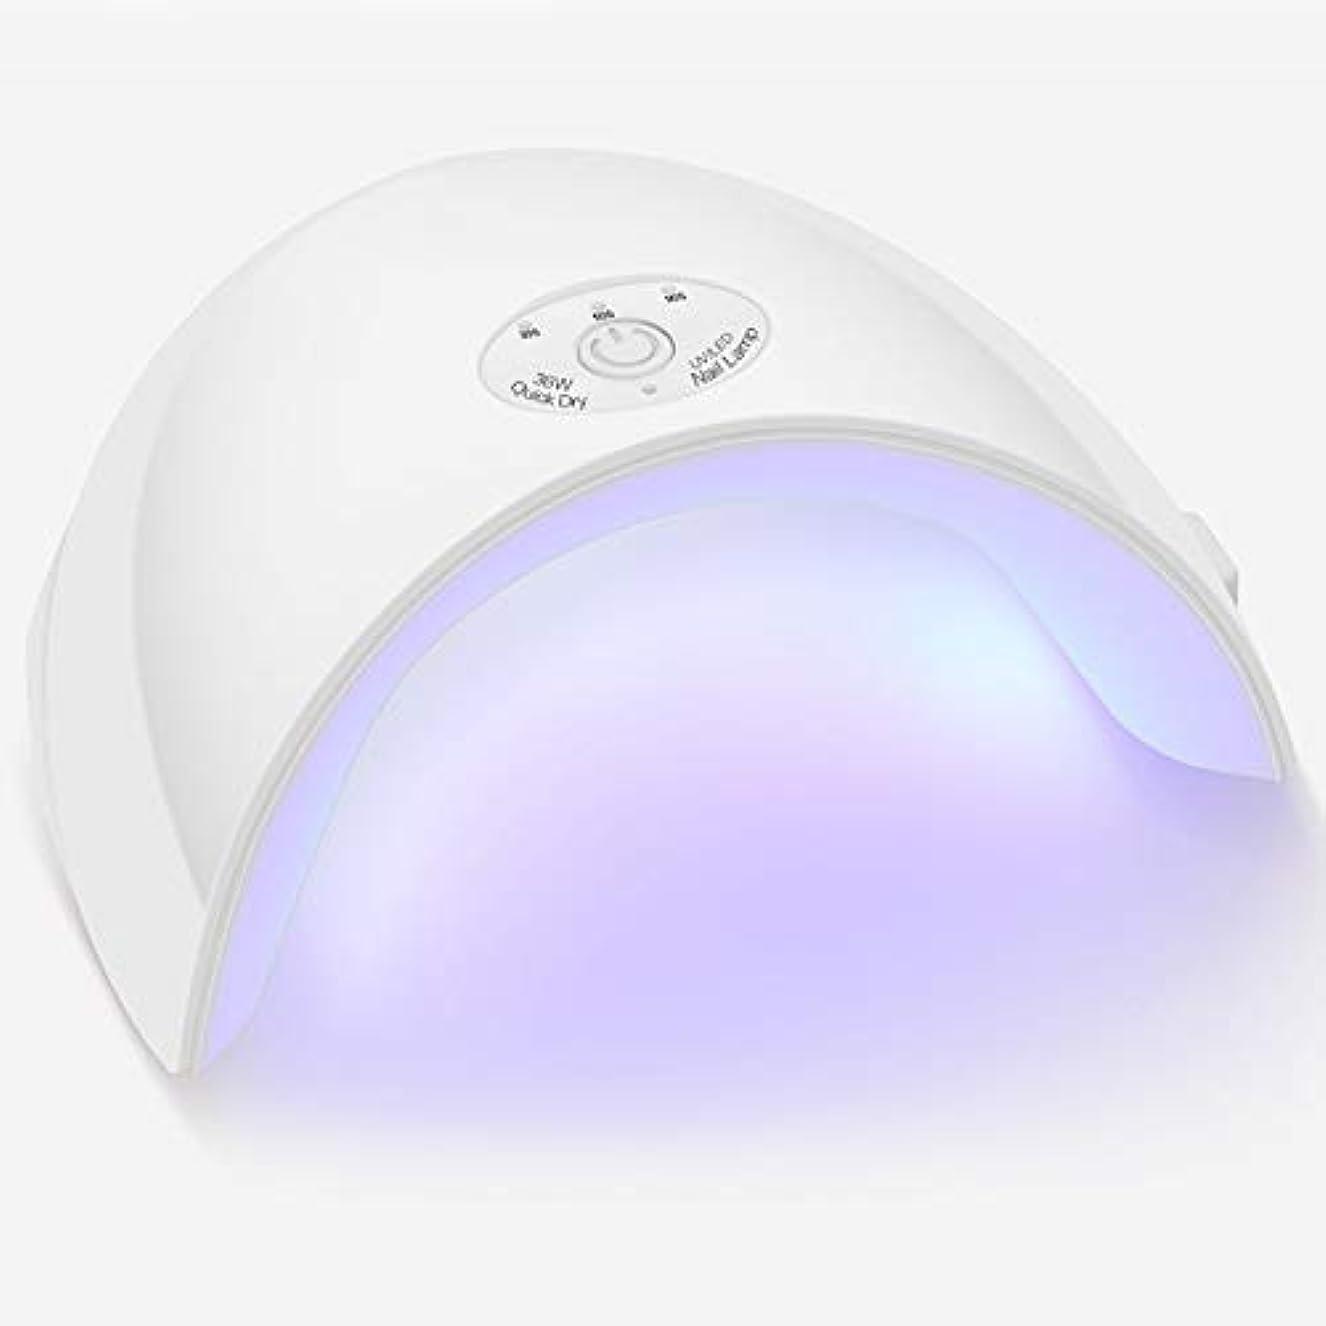 奪う正確に円形の硬化ライトネイルライト ネイルLEDライト36W新型 3段階タイマー付きUSB式 ハイパワー